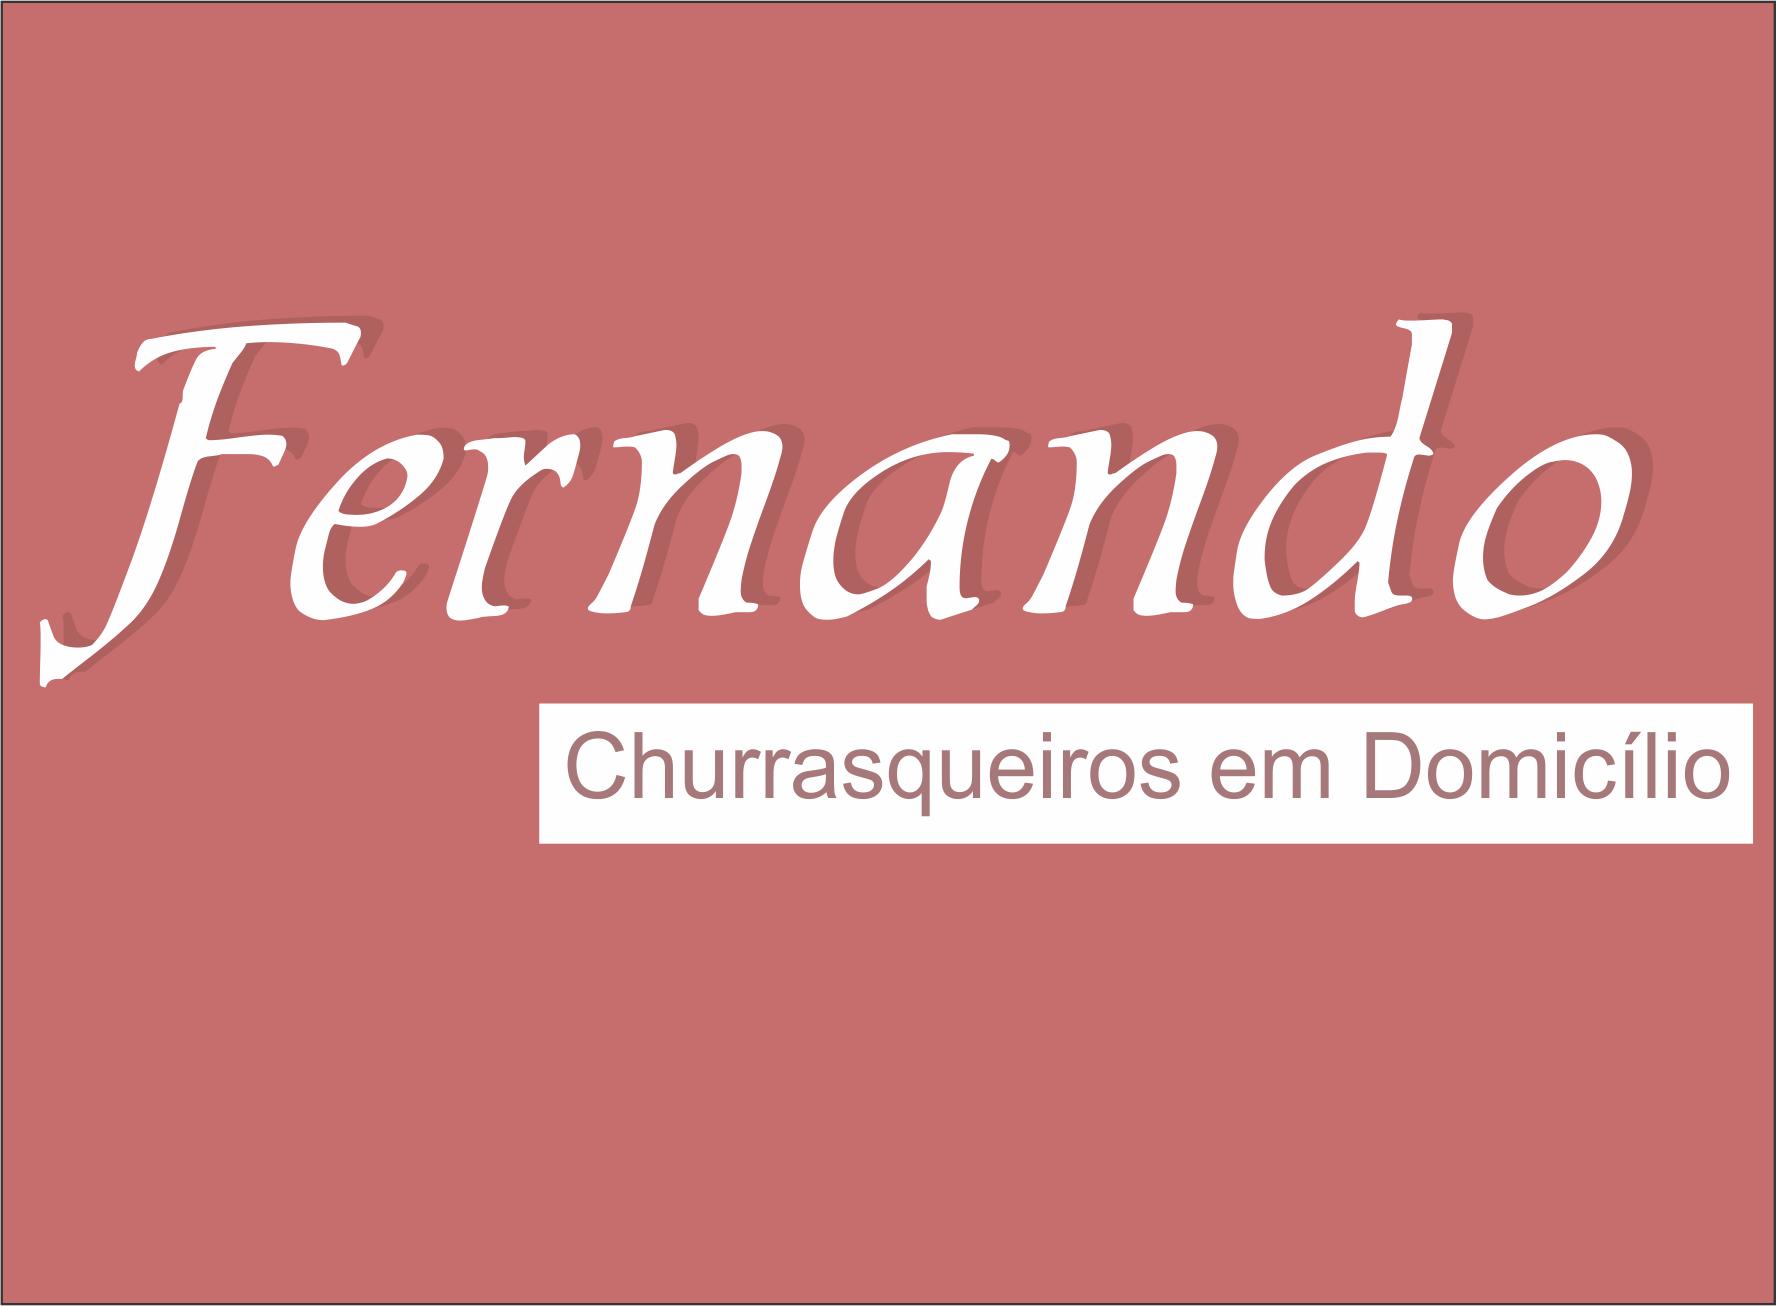 Fernando Churrasqueiros em Domicílio